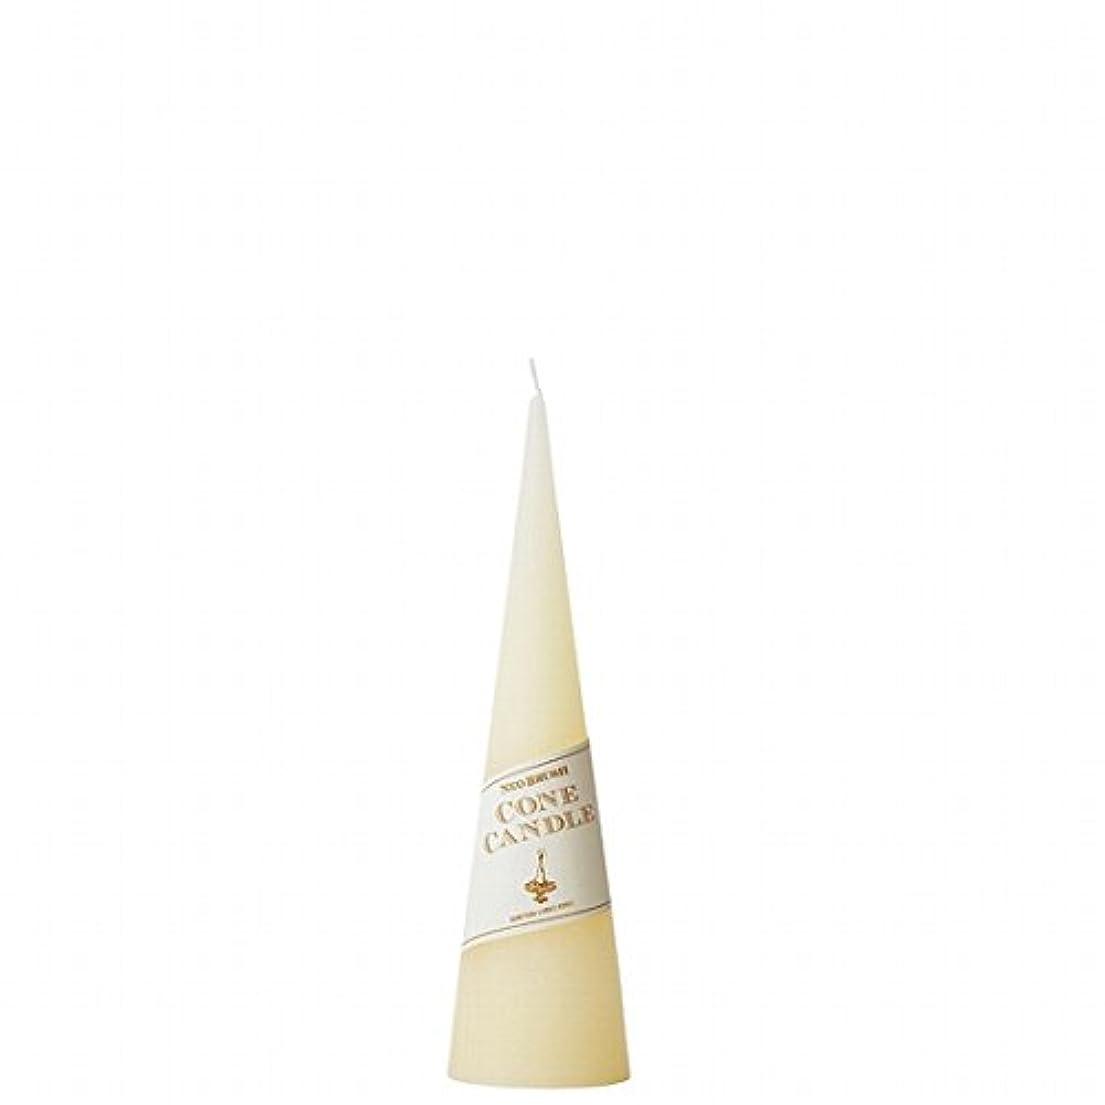 受益者必要としている仮称kameyama candle(カメヤマキャンドル) ネオブラッシュコーン 180 キャンドル 「 アイボリー 」(A9750010IV)